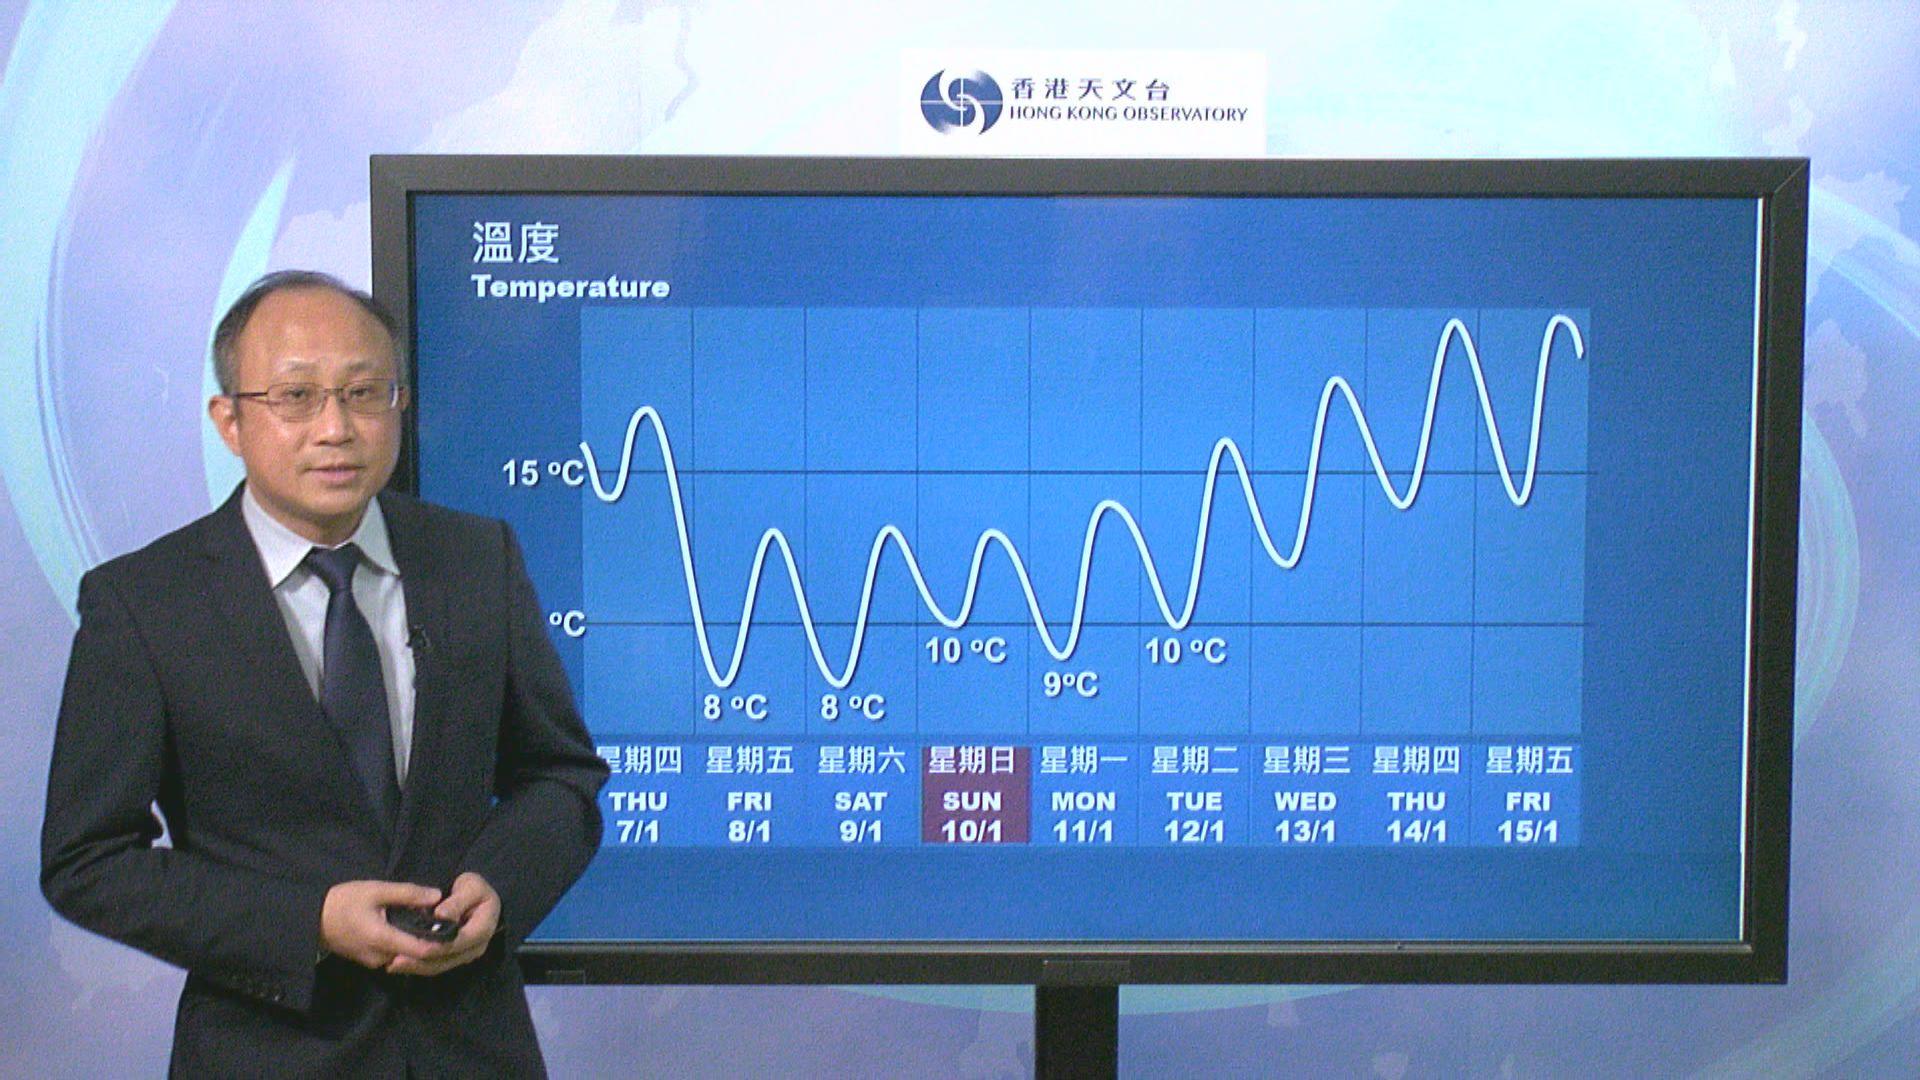 天文台:明日開始轉冷 周五六降至約8度